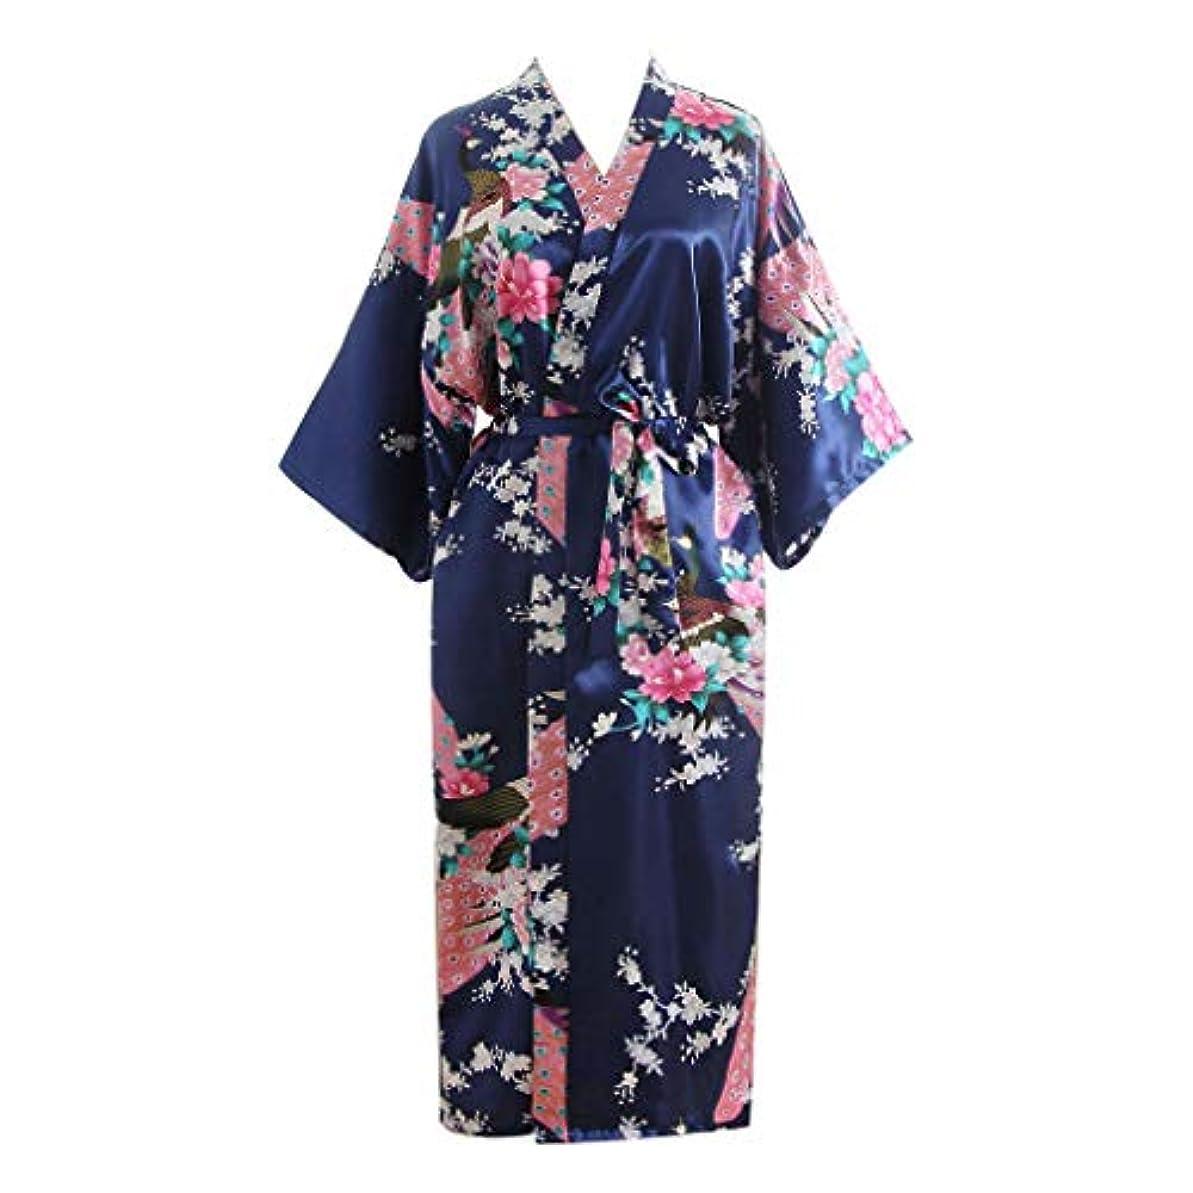 デマンド原子炉ラベルパジャマ liqiuxiang 女性 スリップ エレガント 和風 レディース リボン 日常 花柄 上品 バスローブウーマン 快適 柔らかい ルームウエア ギフト 記念日